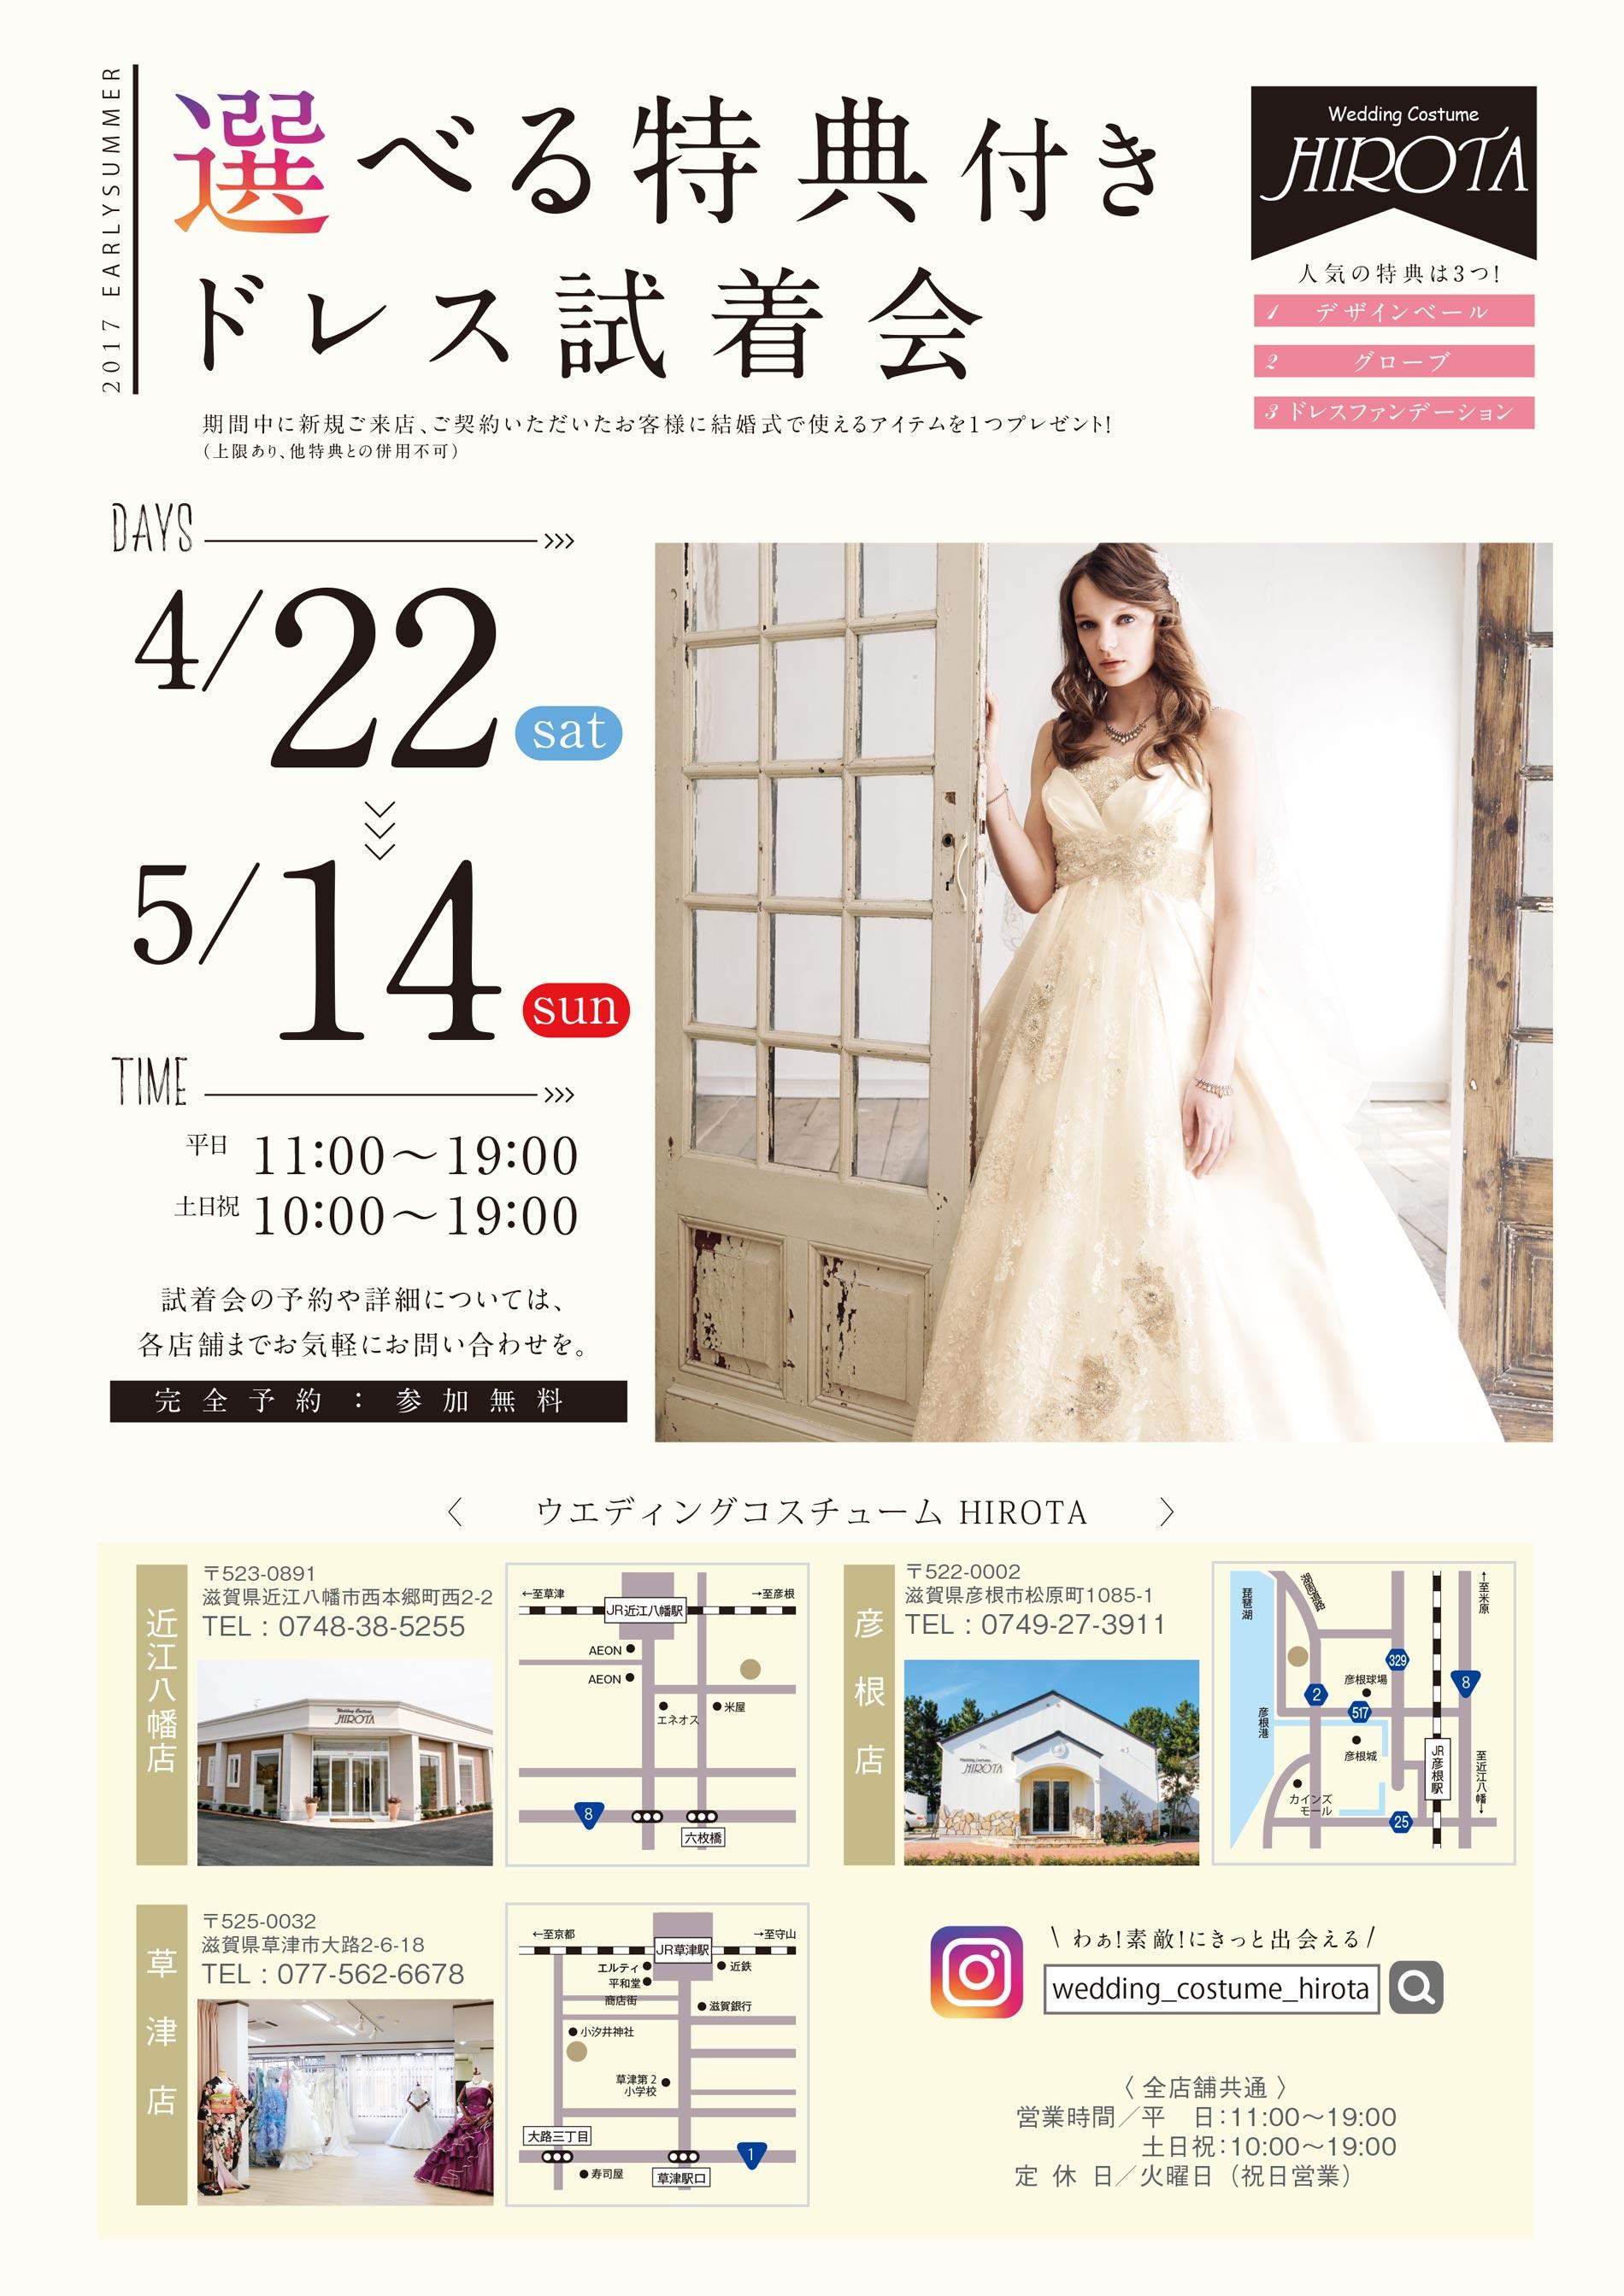 軽2017-3-10-hirota